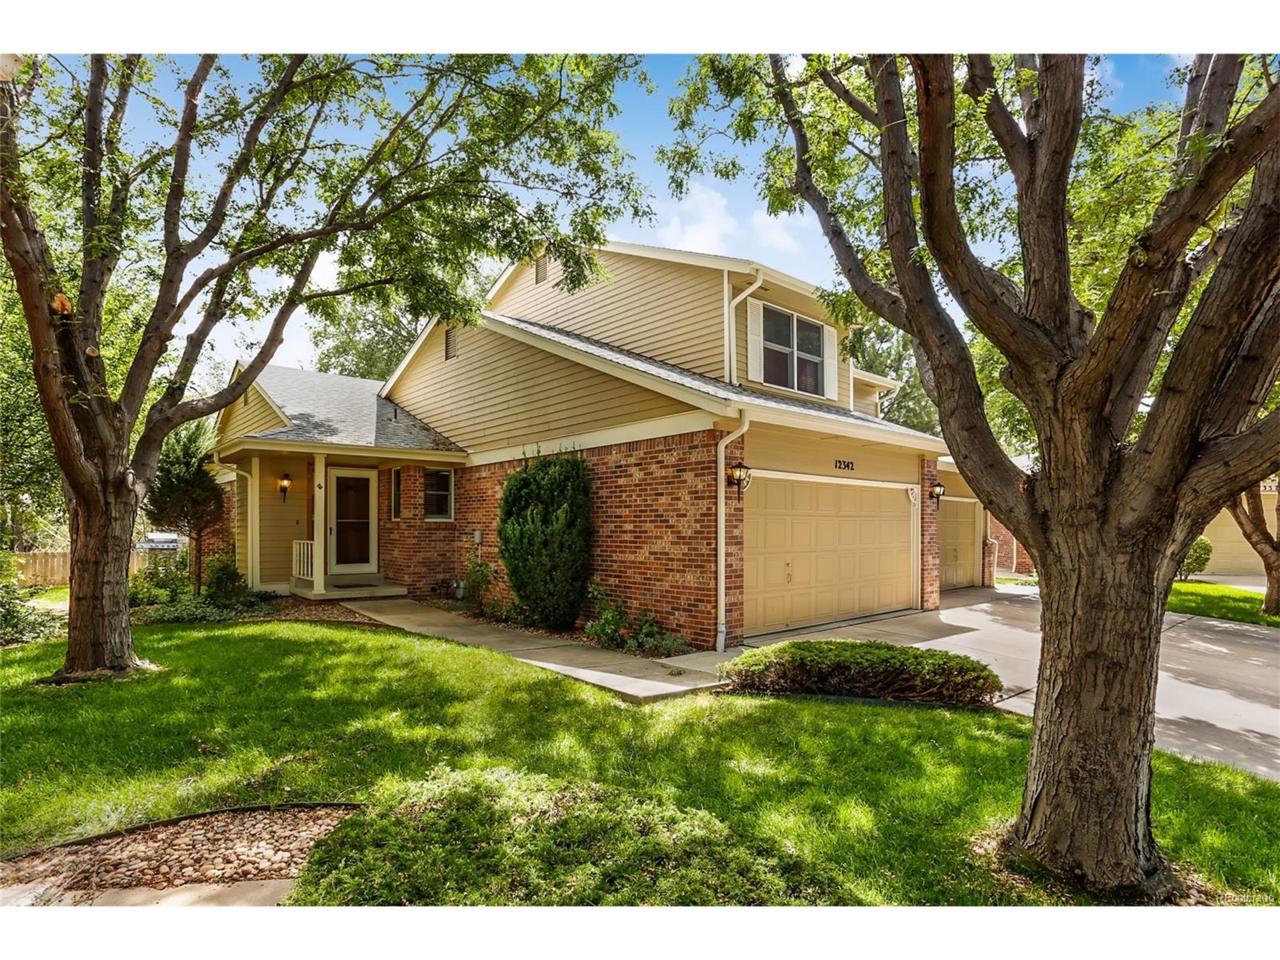 12342 Milwaukee Court, Thornton, CO 80241 (MLS #4087564) :: 8z Real Estate